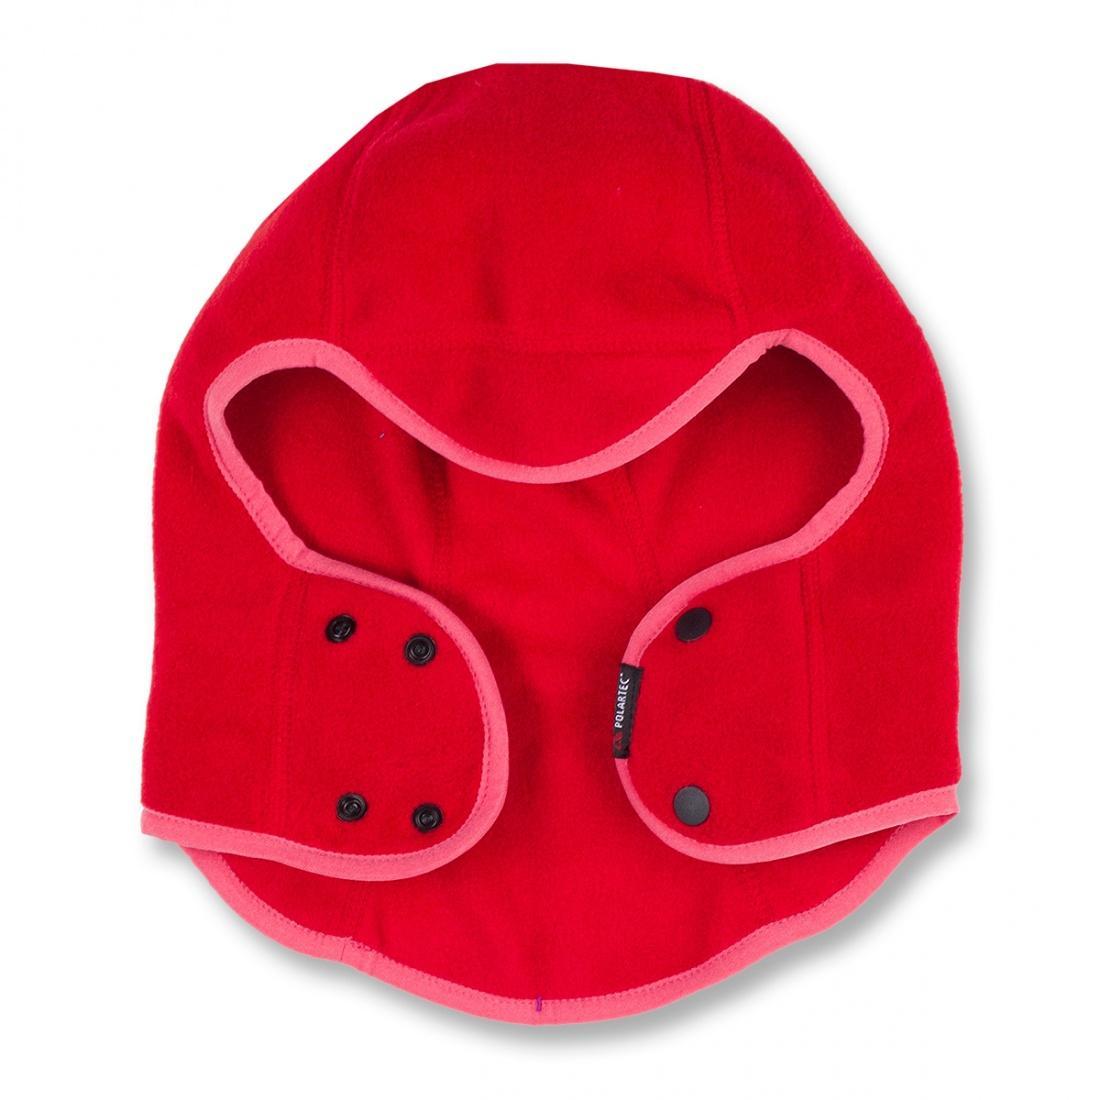 Шапка Cub II ДетскаяШапки<br><br> Легкая, удобная шапочка. Безупречно облегает голову ребенка, закрывая лоб и уши. Незаменима при ненастнойпогоде поздней осеньюлиботеплой зимой.<br><br><br> <br><br><br>Материал –Polartec® Classiс 200.<br> <br>Облегающи...<br><br>Цвет: Красный<br>Размер: S